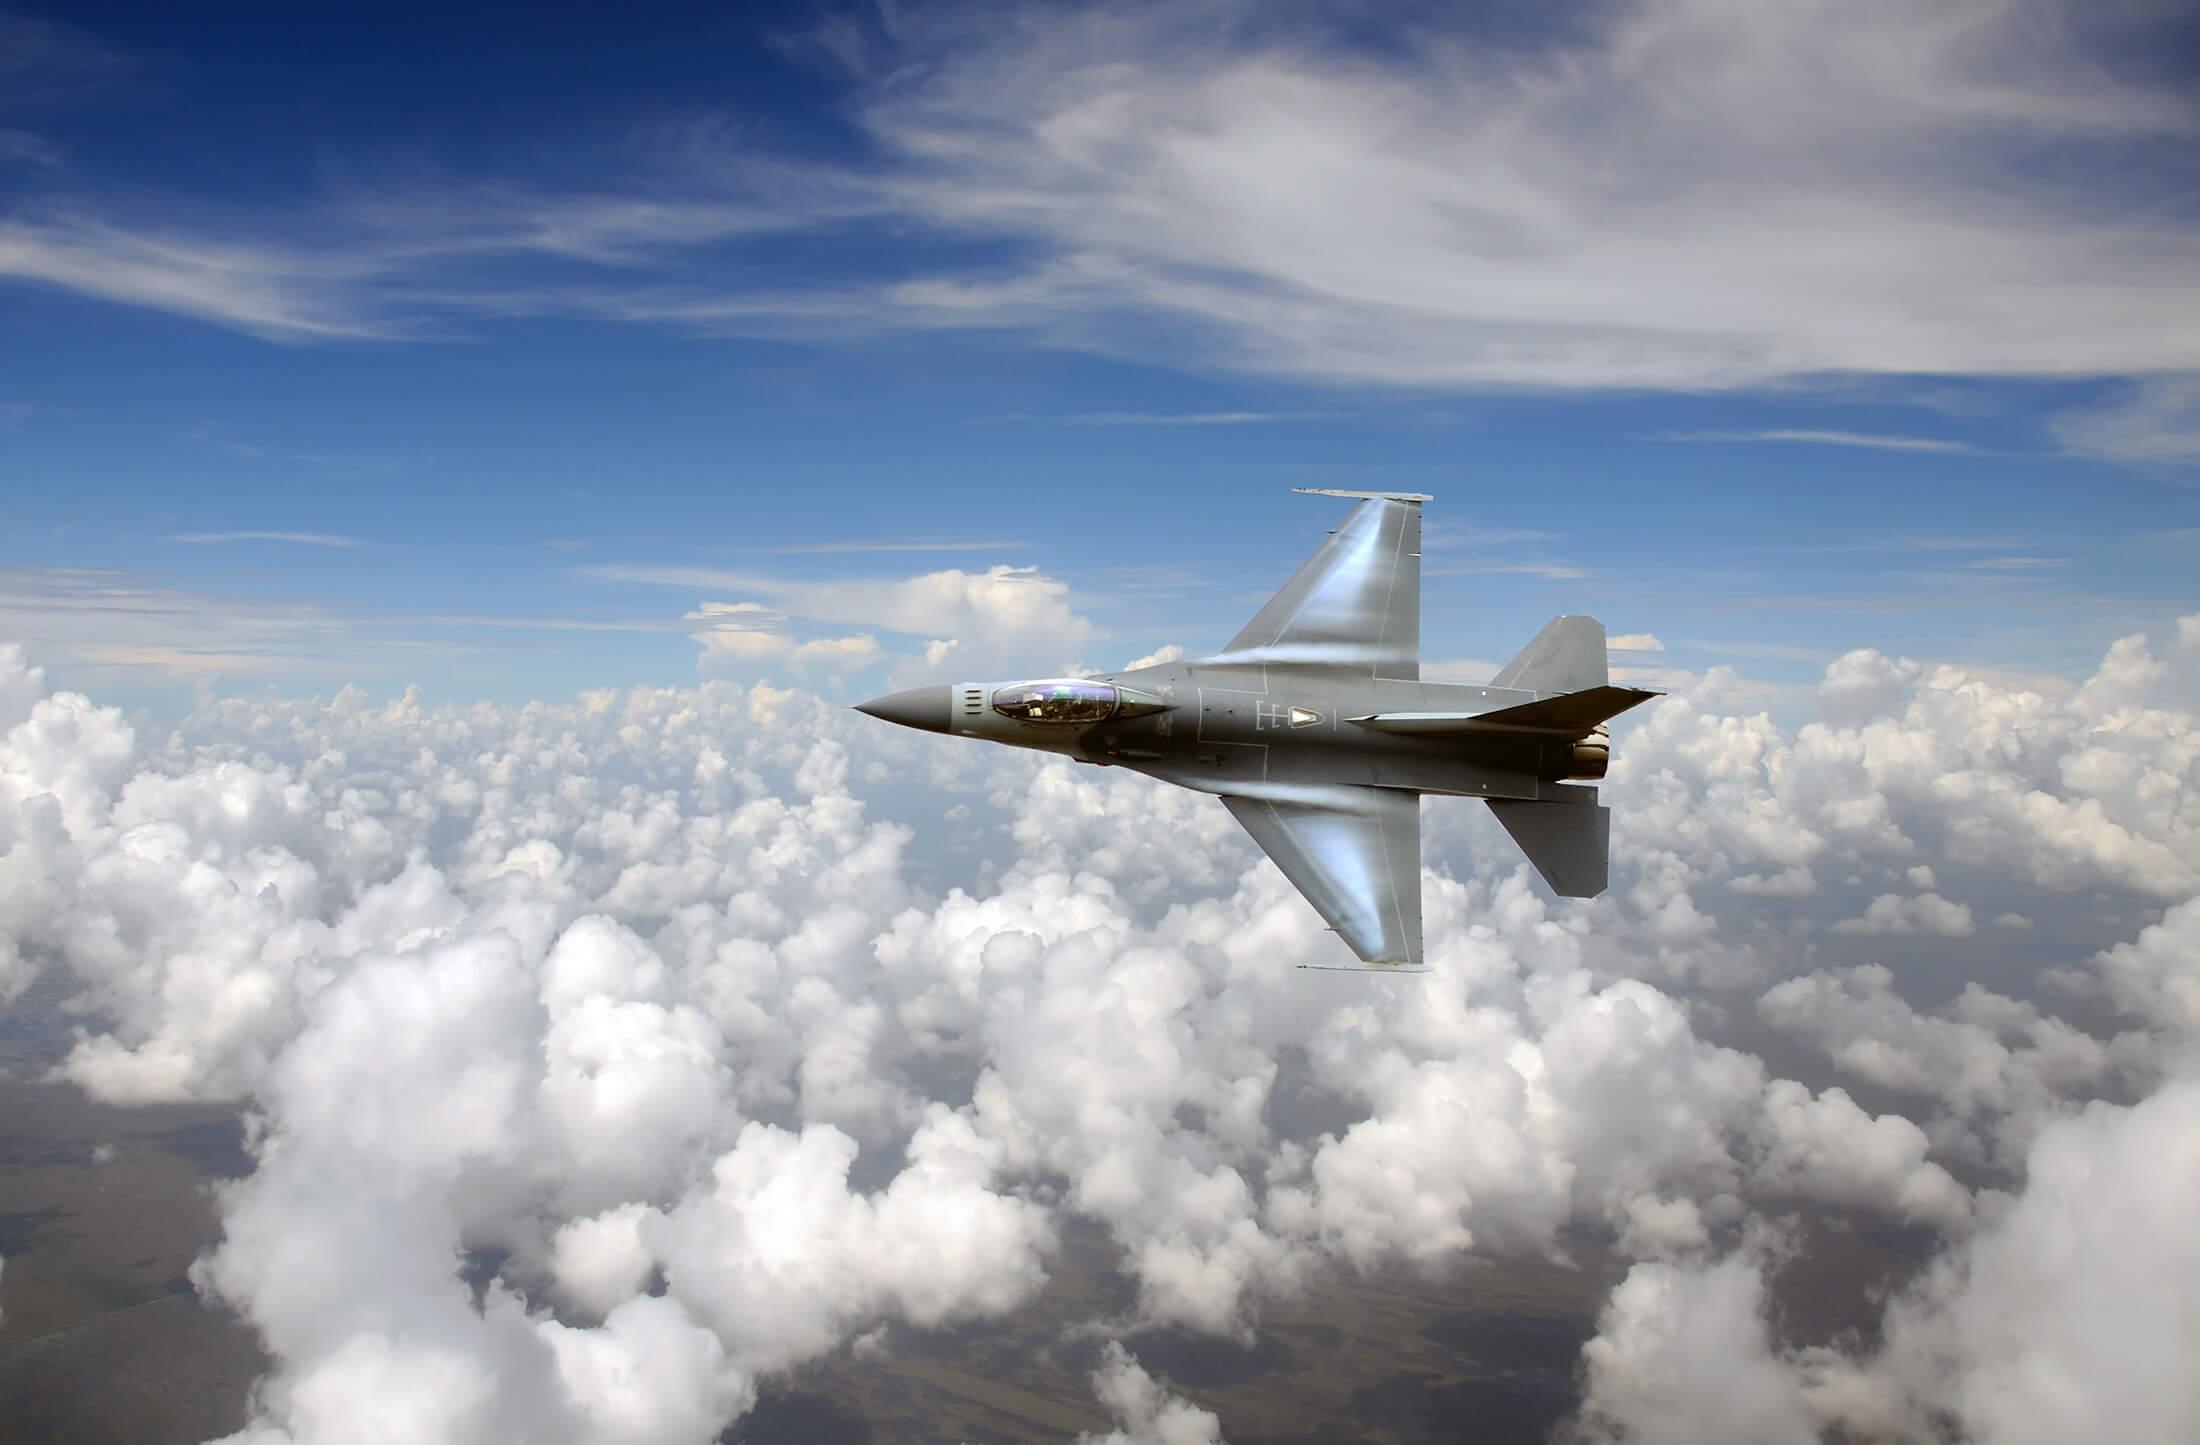 Jet fighter in the sky